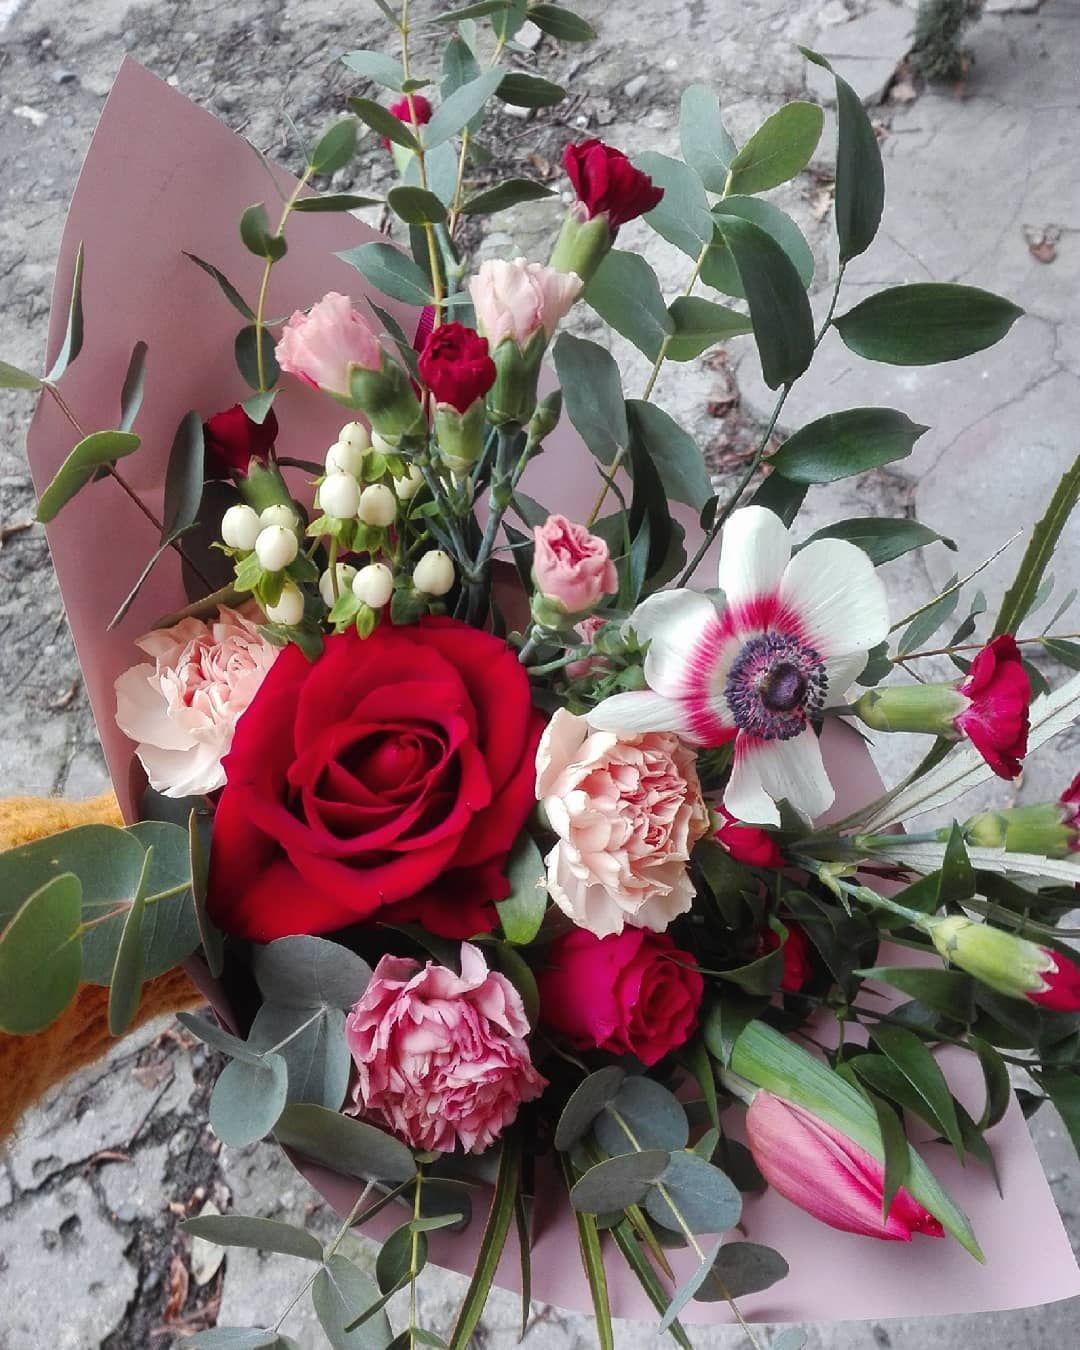 Dzien Dobry Wtorek Bukiet Dla Swiezo Upieczonej Mamy Kwiaty Pocztakwiatowa Dekoracje Dostawakwiatow Kwiatykrakow